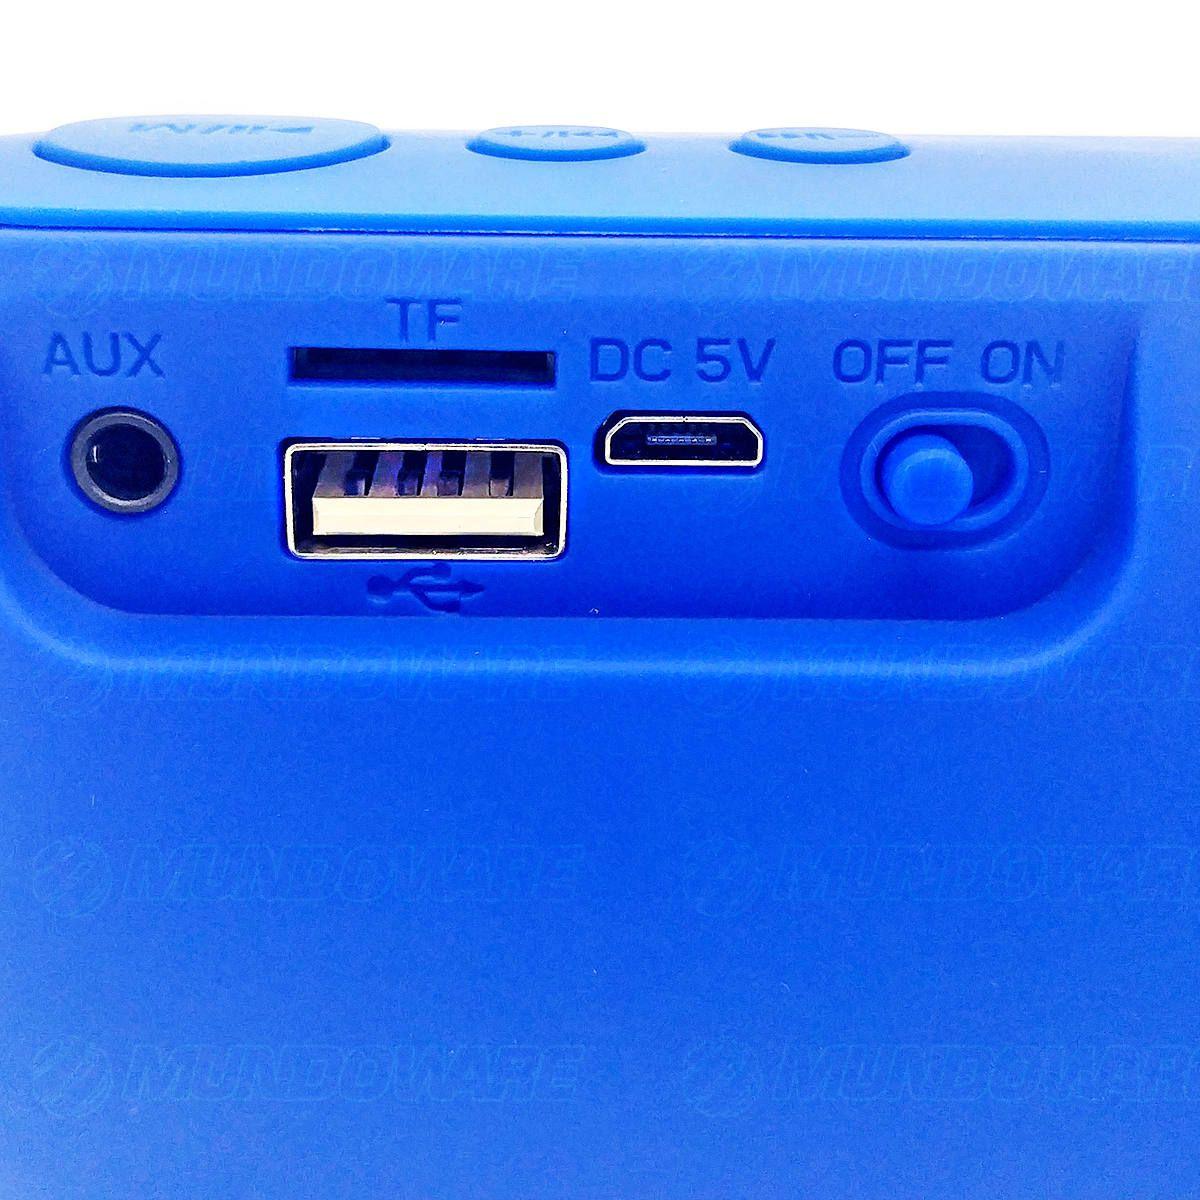 Caixa Bluetooth Portátil 3W com Rádio FM USB Micro SD Auxiliar Microfone Embutido Exbom CS-M29BT Azul